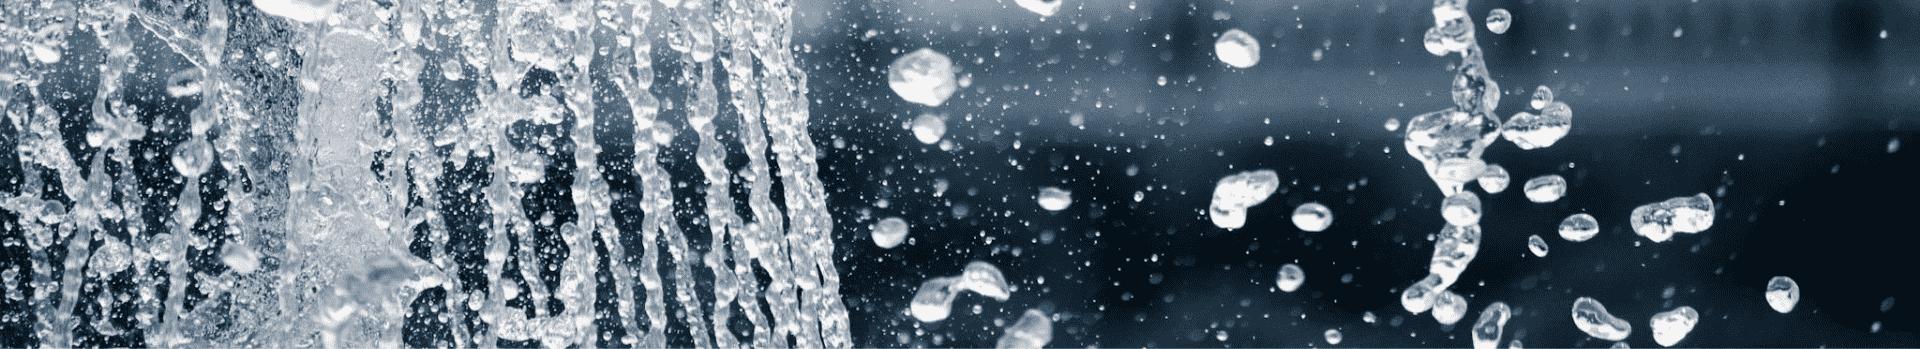 Undine - zmniejszenie zużycia wody